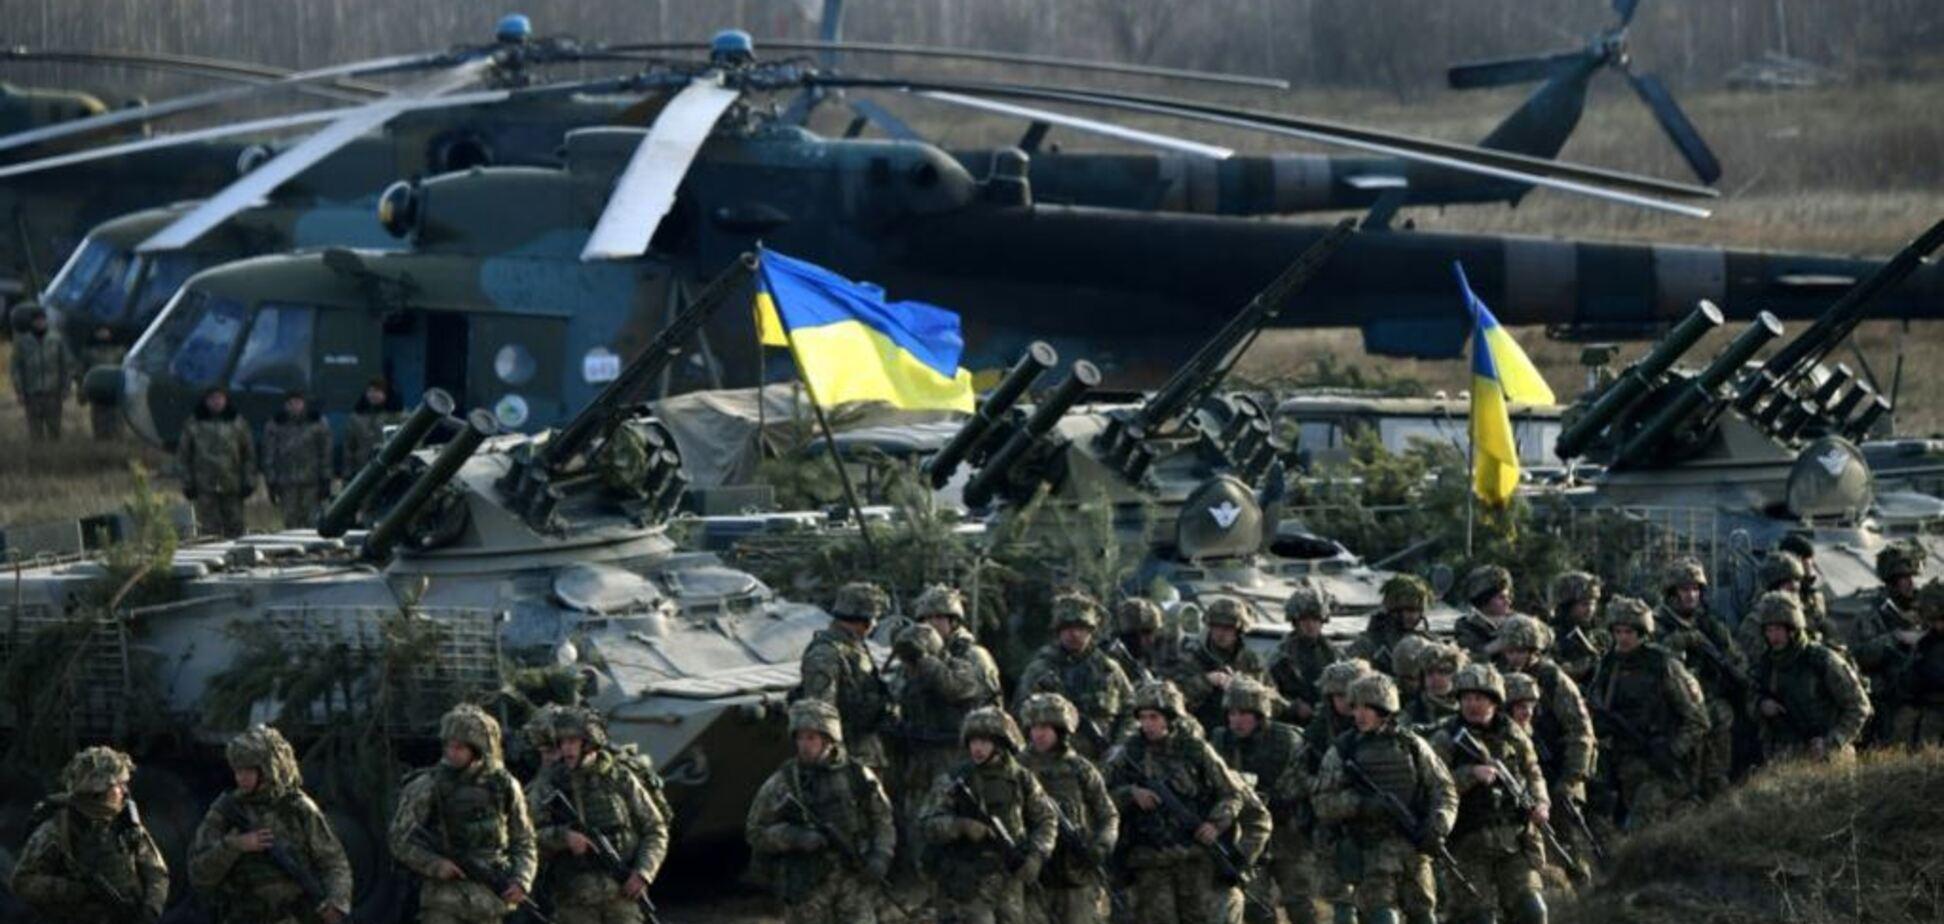 Страны НАТО дадут оружие: как ВСУ вооружатся до зубов